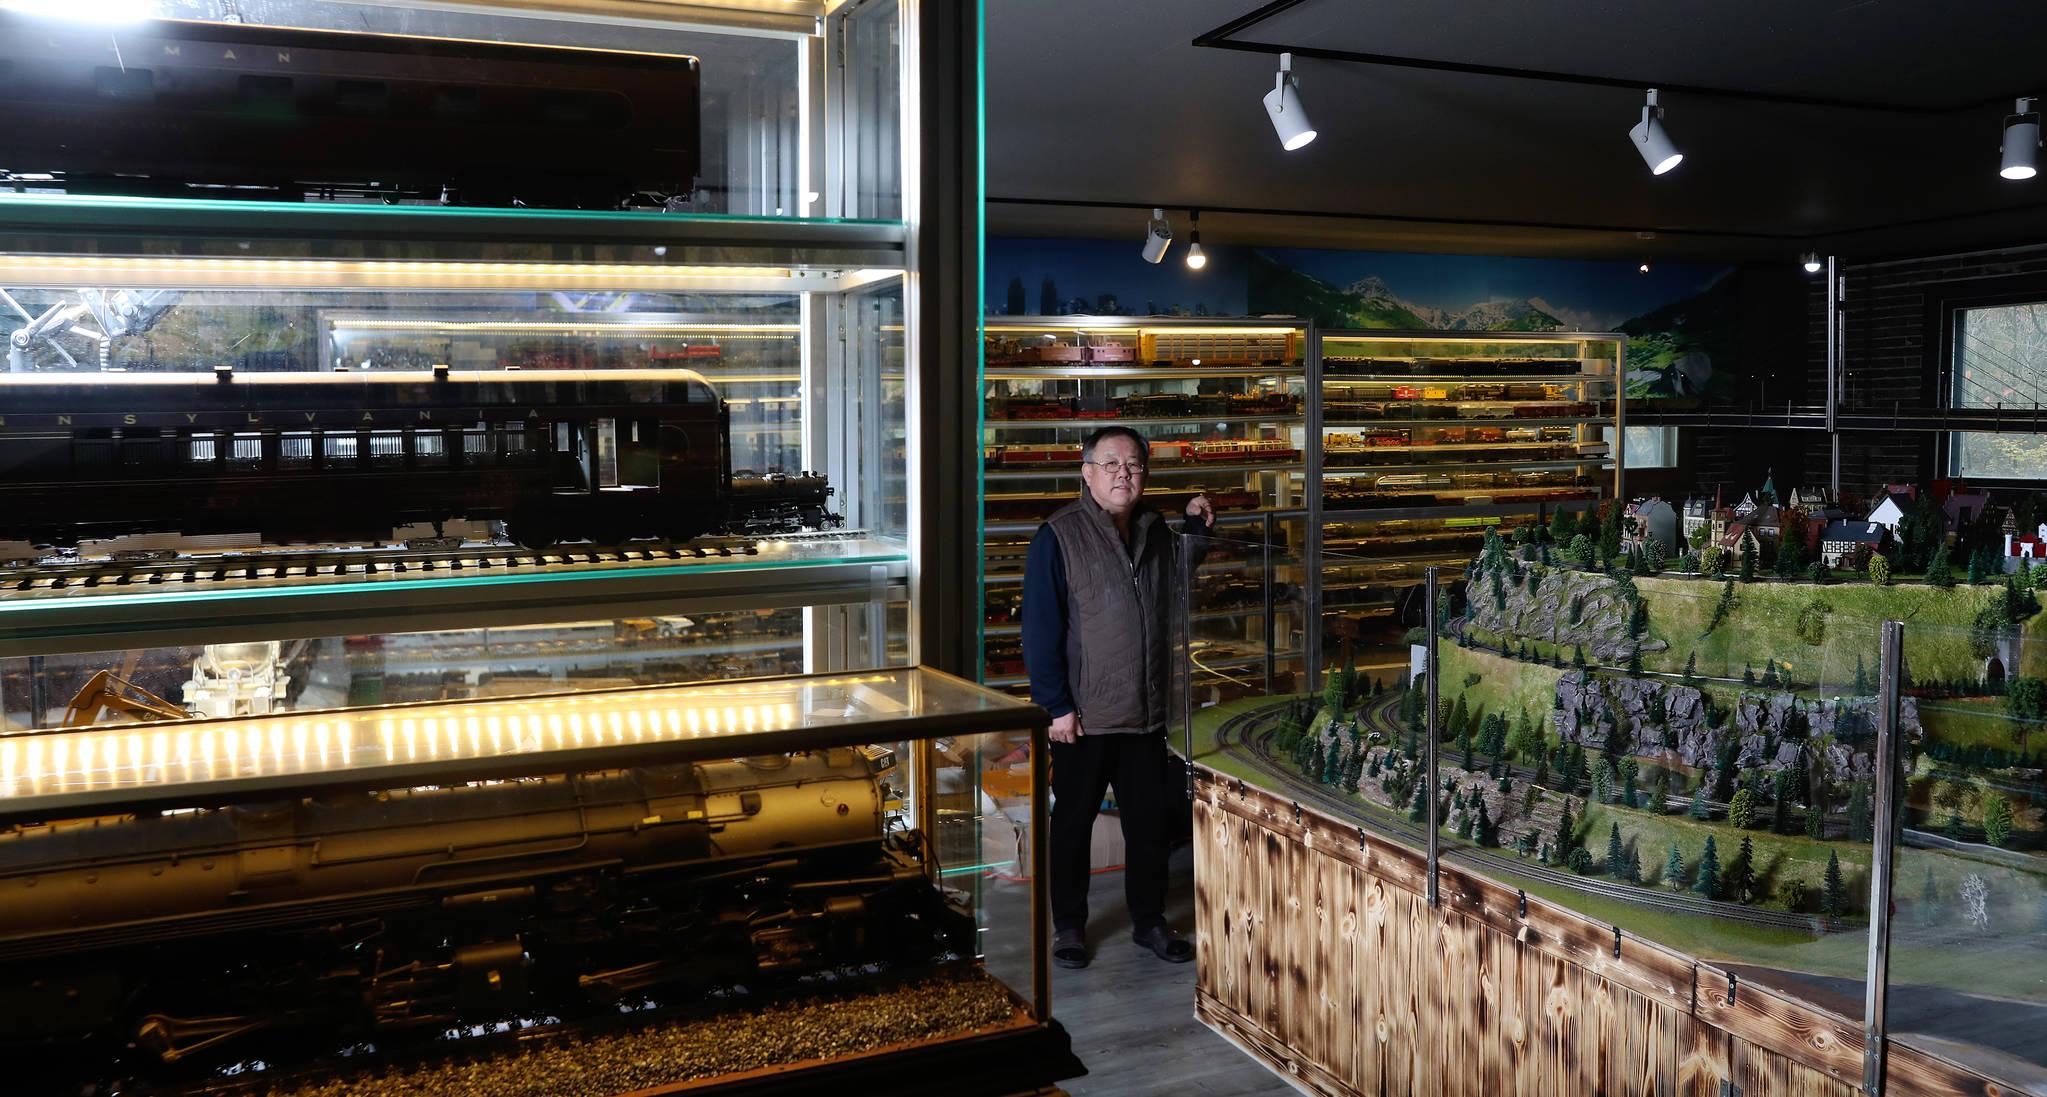 기차 왕국을 꿈꾸며 40여년간 황동 조각으로 미니어처 기차를 만들어 온 이현만씨가 인천 남동구 기차 왕국 박물관을 바라보고 있다. 박물관 내부에는 부품 제작부터 조립 후 완성까지 모든 과정을 수작업으로 진행한 그의 작품 260여점이 전시되어 있다. 우상조 기자